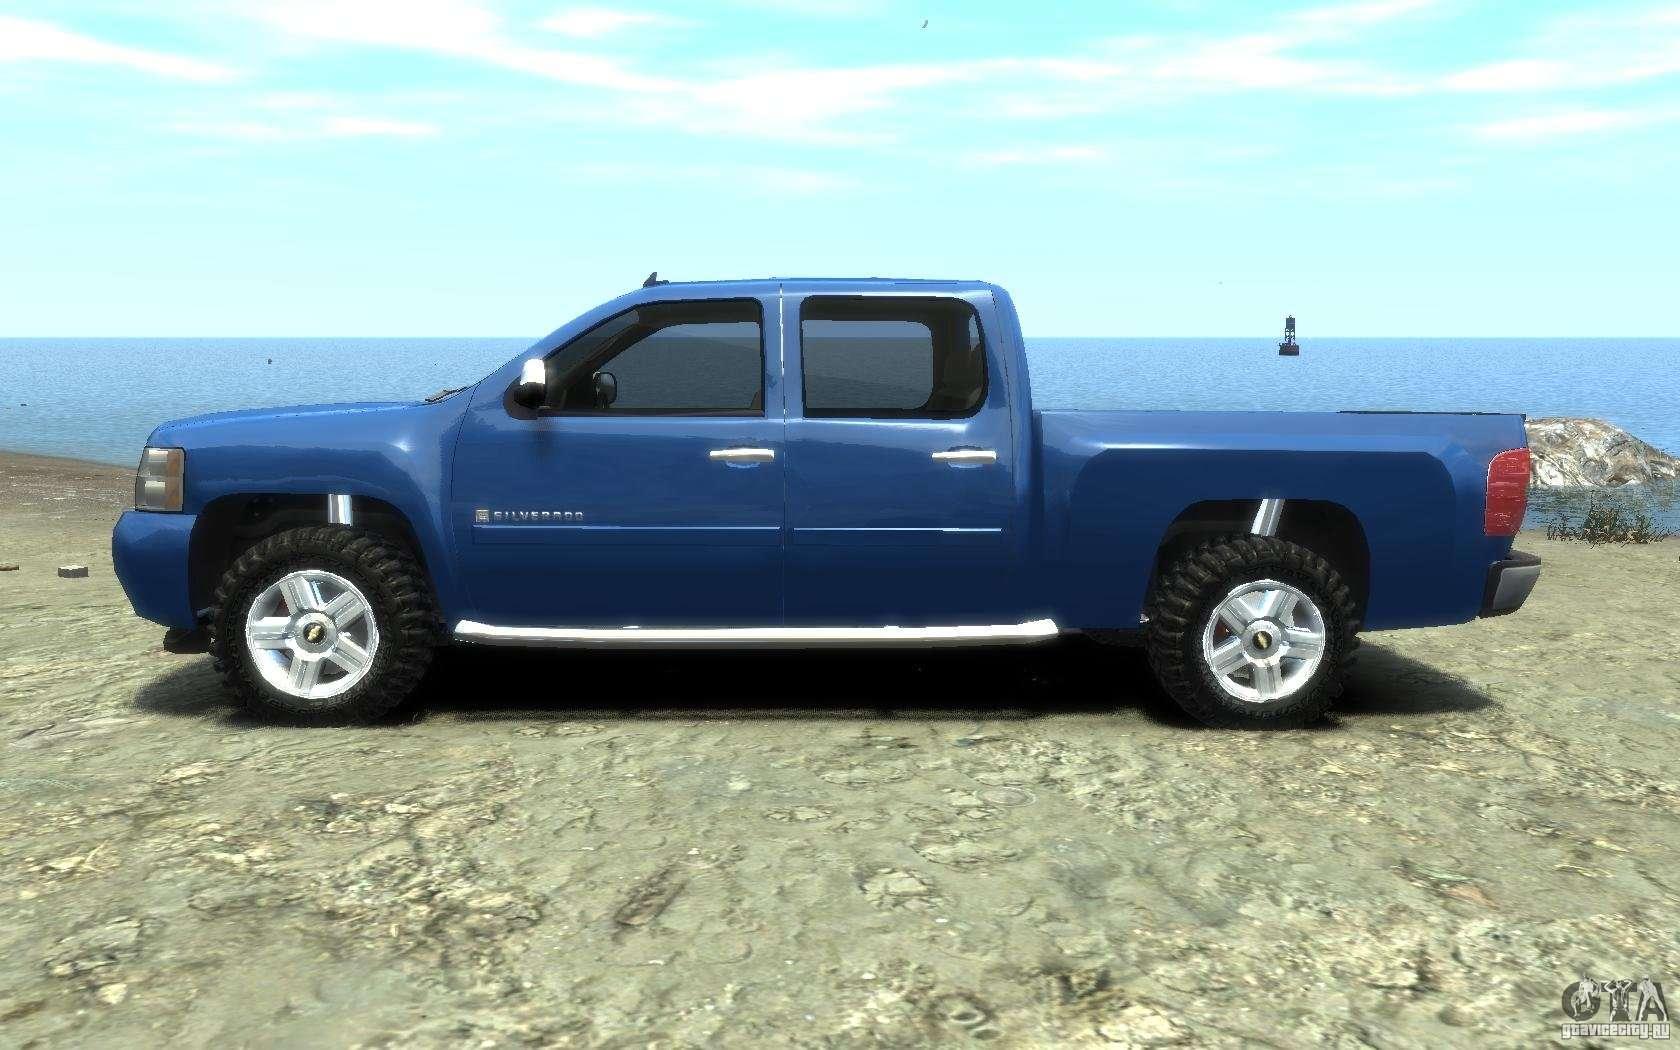 2008 Chevy Silverado Bumpers amp Valances  CARiDcom